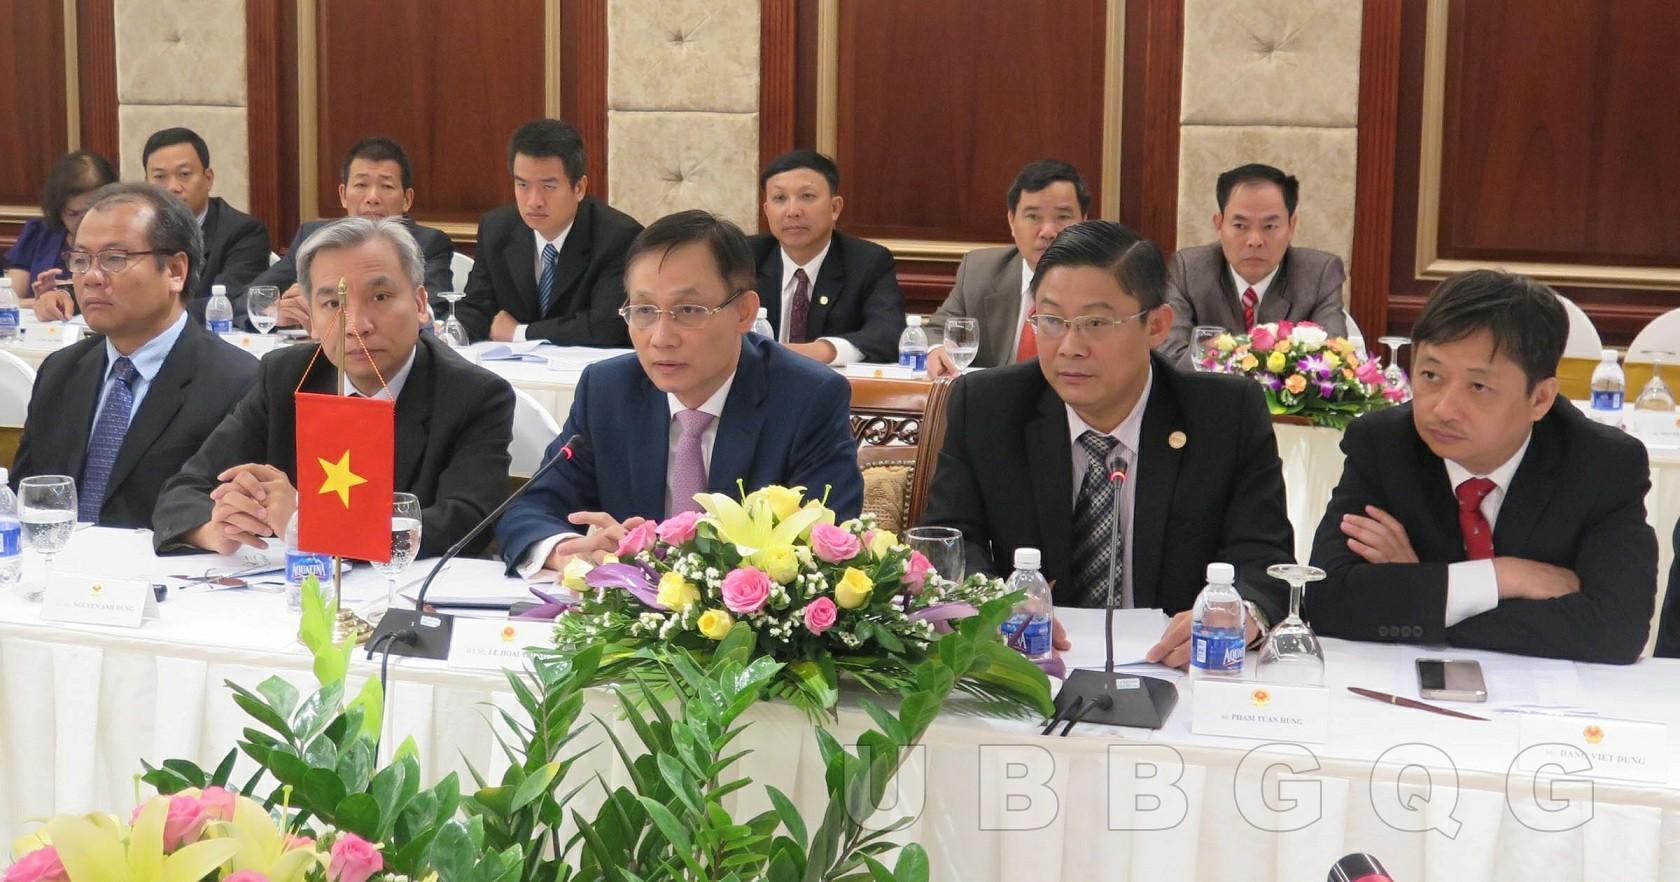 Cuộc họp thường niên lần thứ XXV Đoàn đại biểu biên giới Việt Nam – Lào,  tháng 6/2016 tại Đà Nẵng.